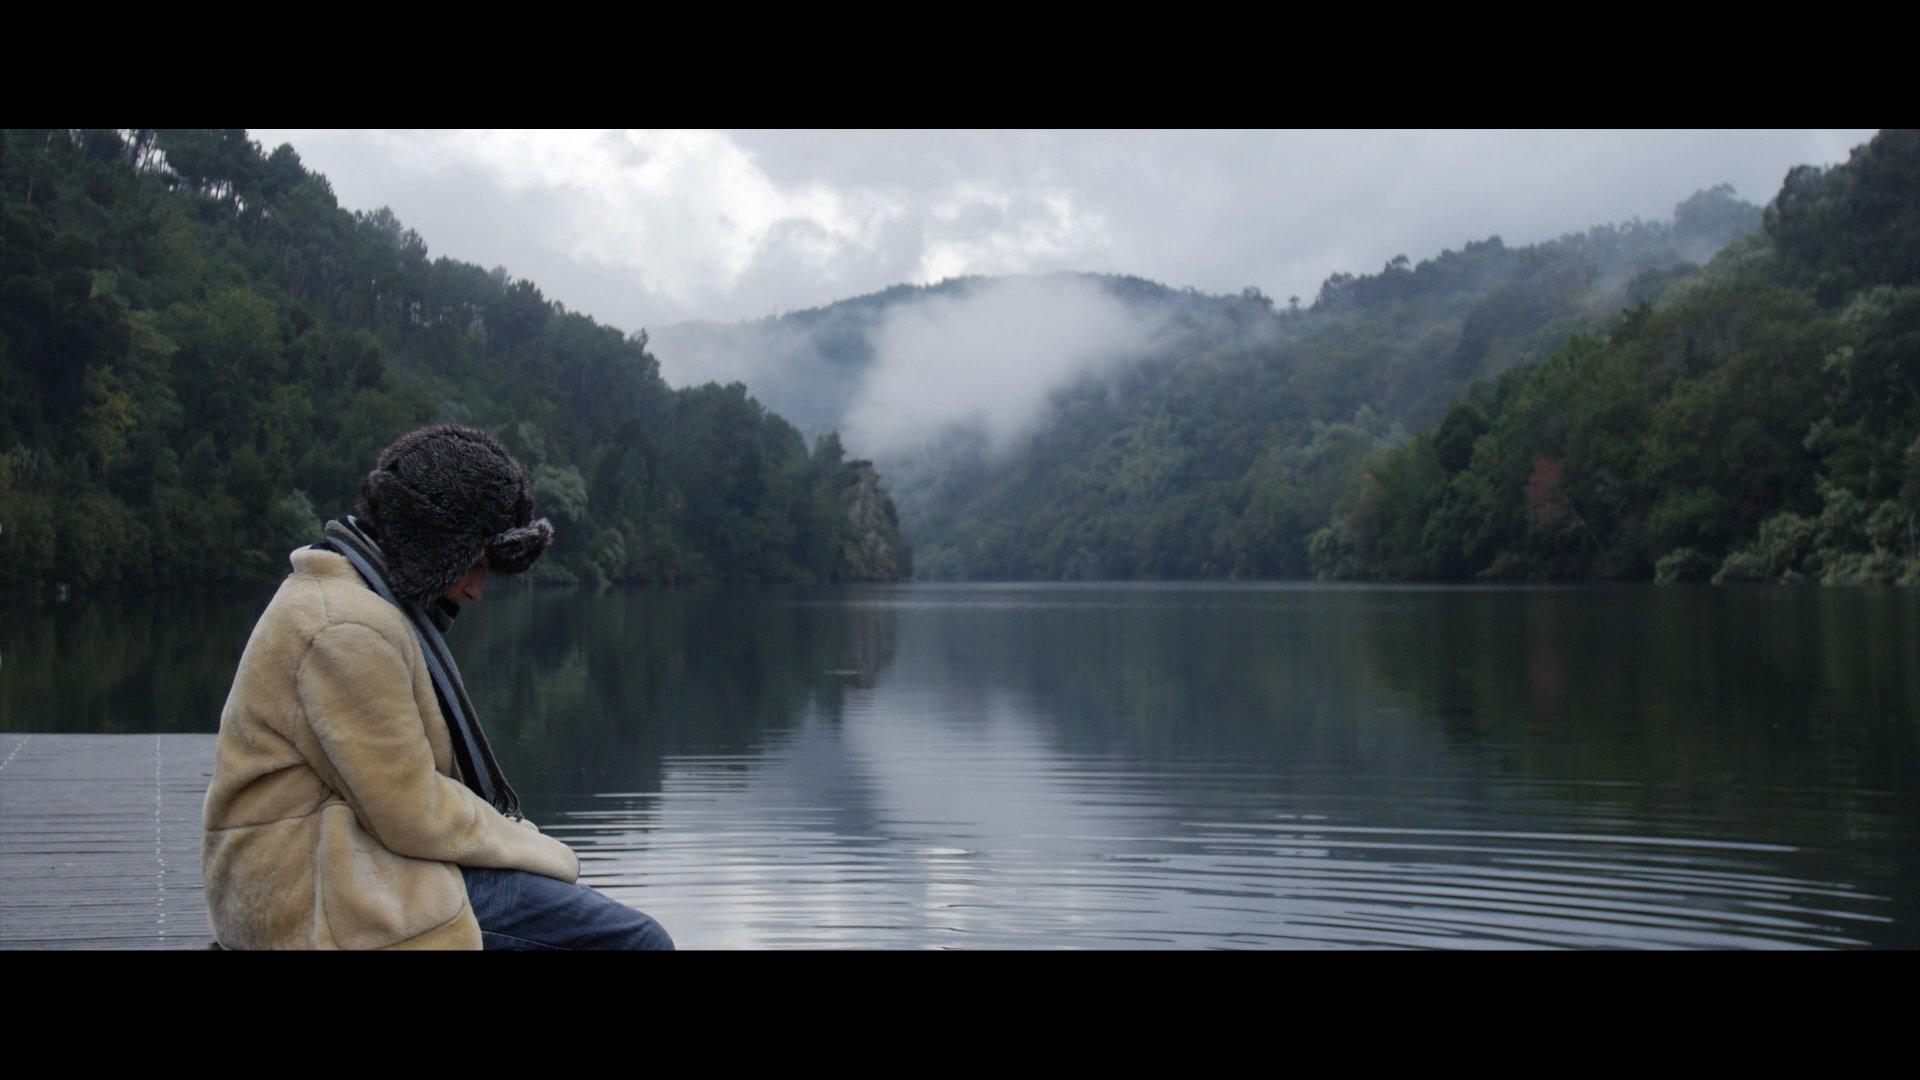 De Vuelta Feat.Éric Dopazo (A Las Afueras De Mí) - Videoclip OUFF en curto